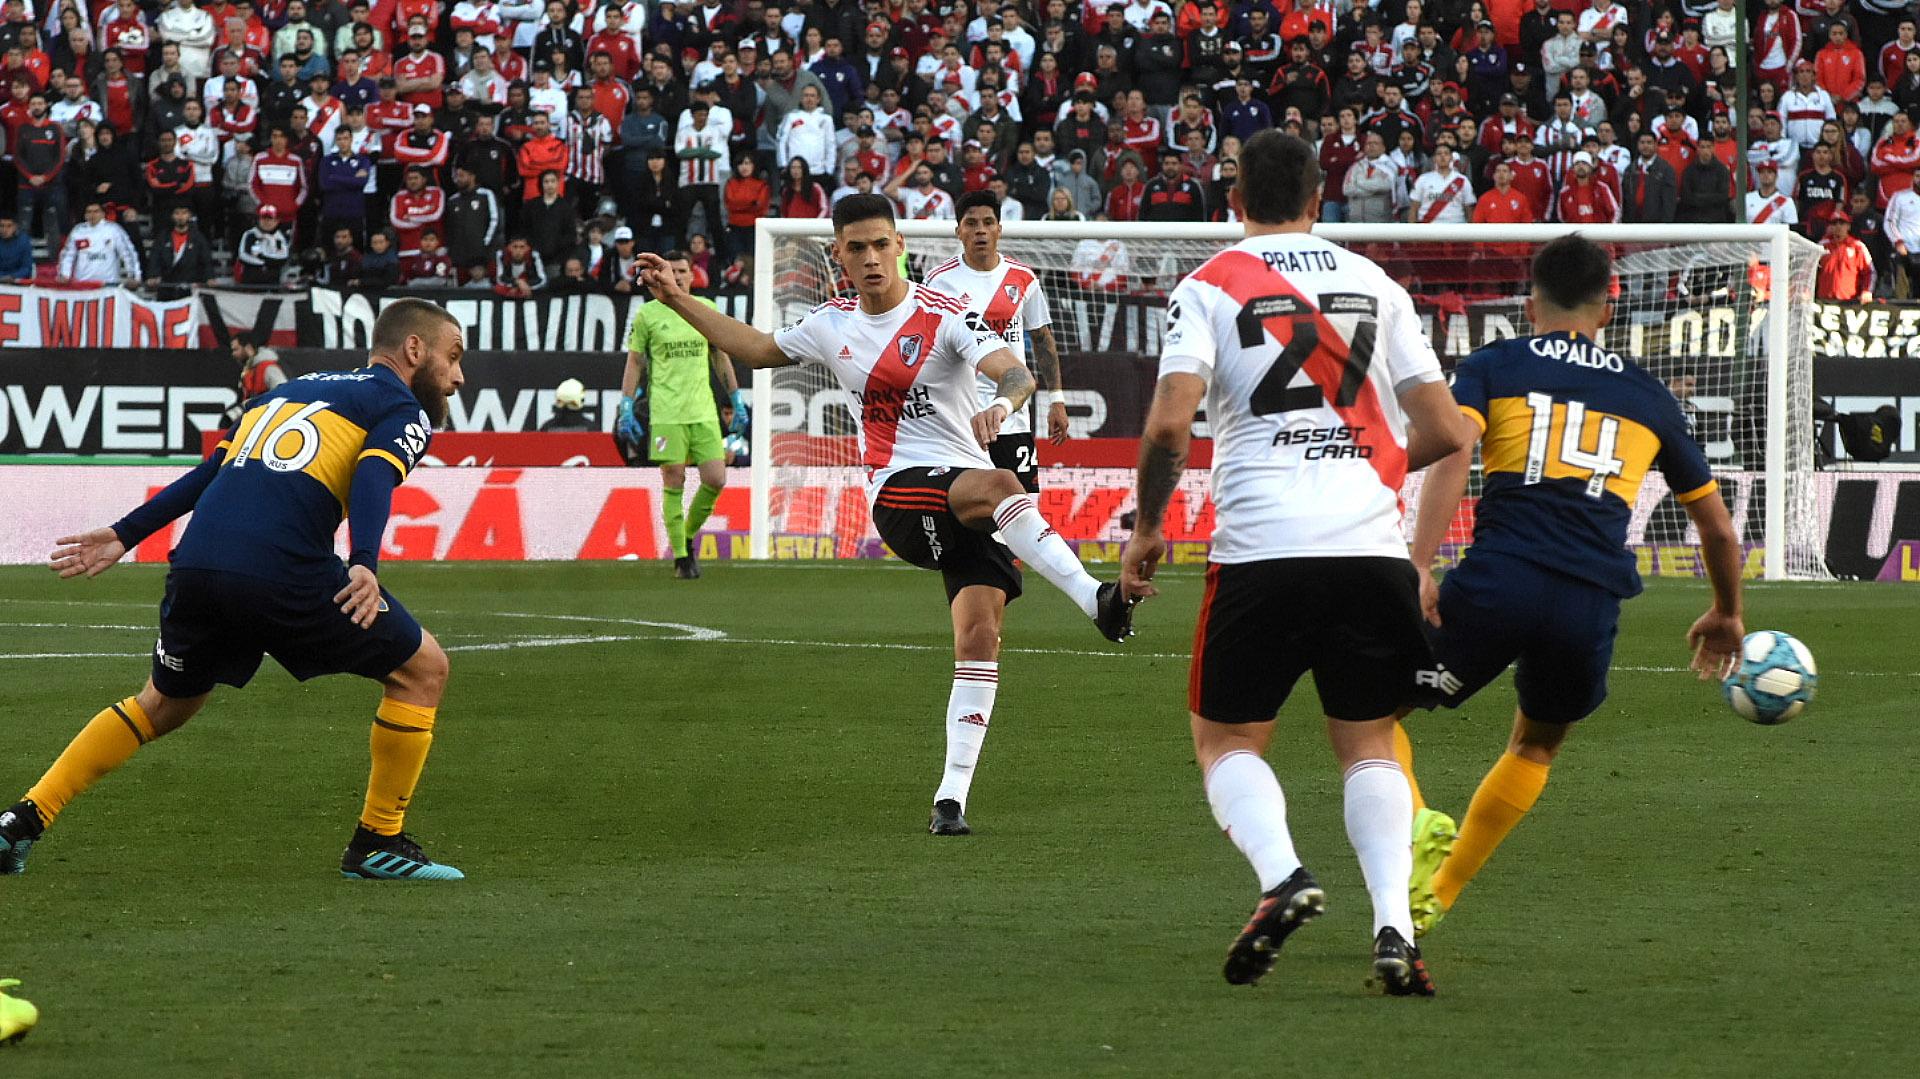 Sin grandes ocasiones de peligro y con un dominio por parte del Millonario, los equipo se fueron al descanso 0-0